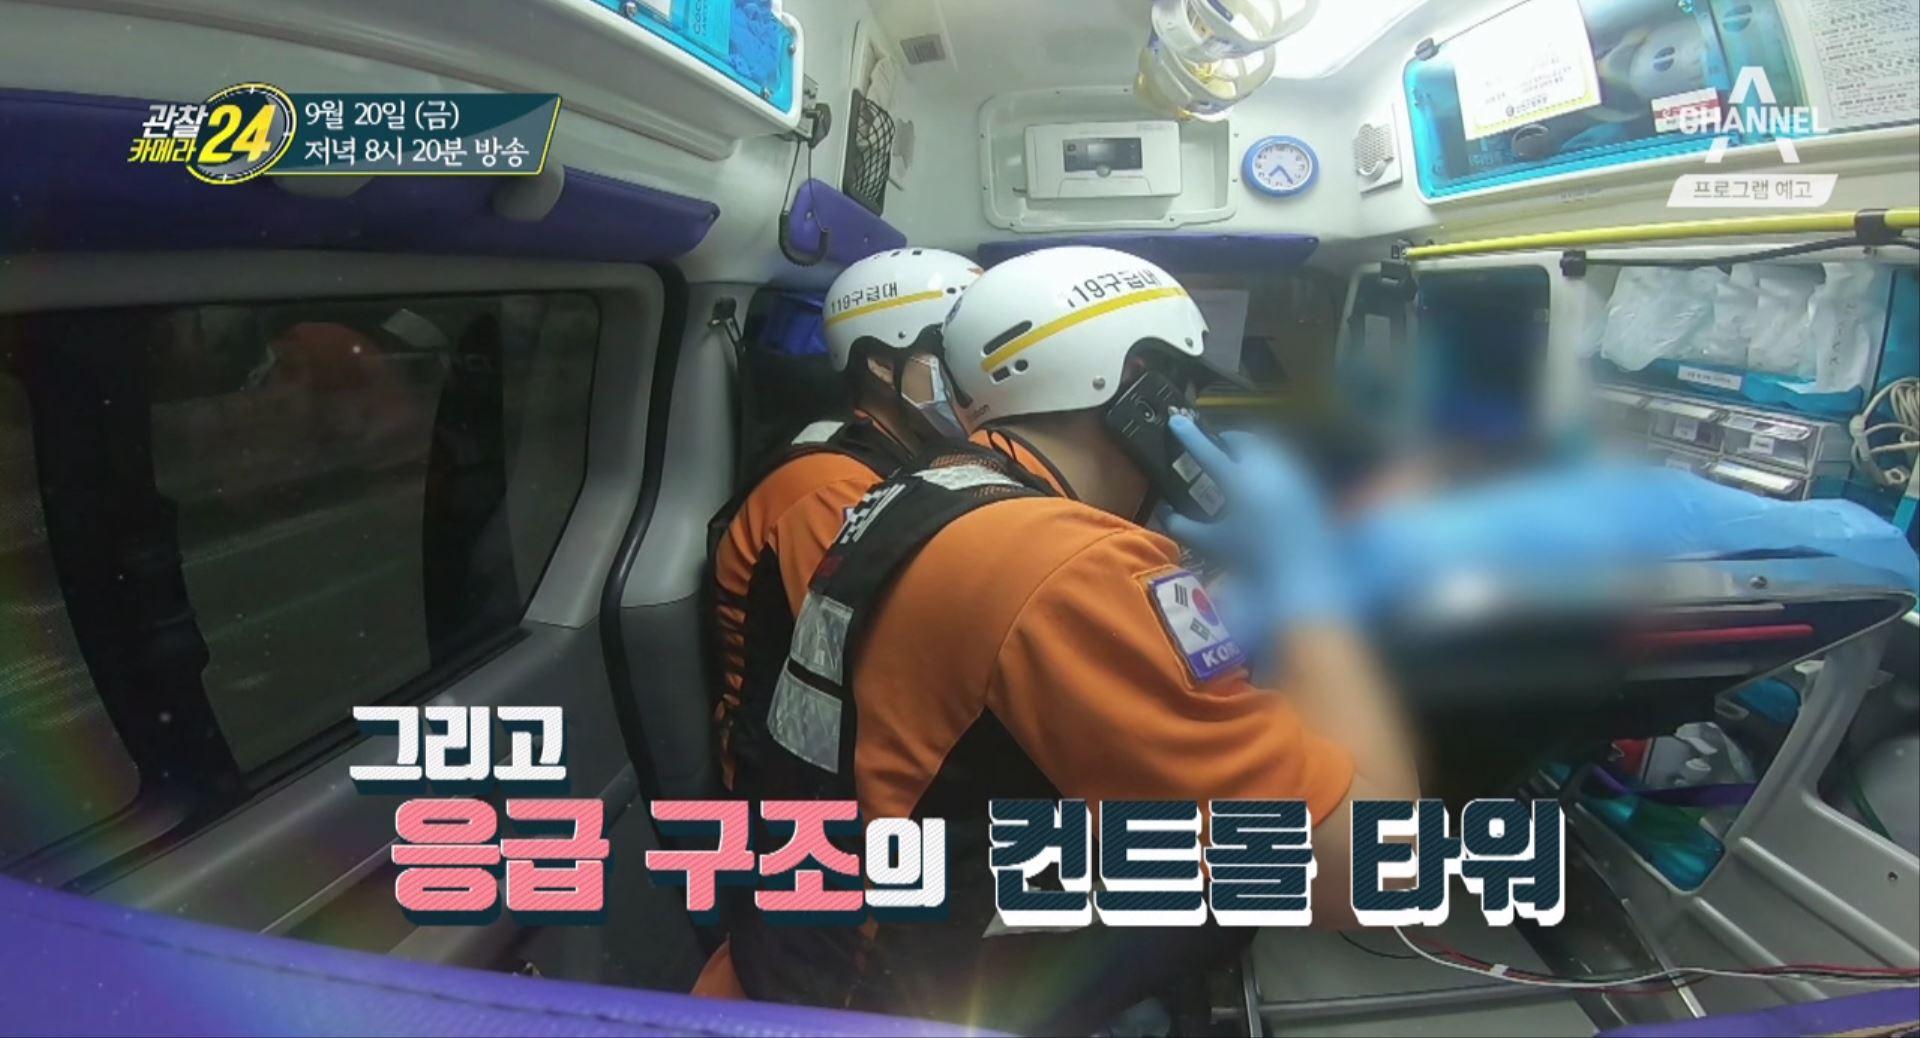 """[예고] """"무섭지만 몸이 먼저 움직여요!"""" 생명을 지키는 사람들, 응급의료현장 24시 이미지"""